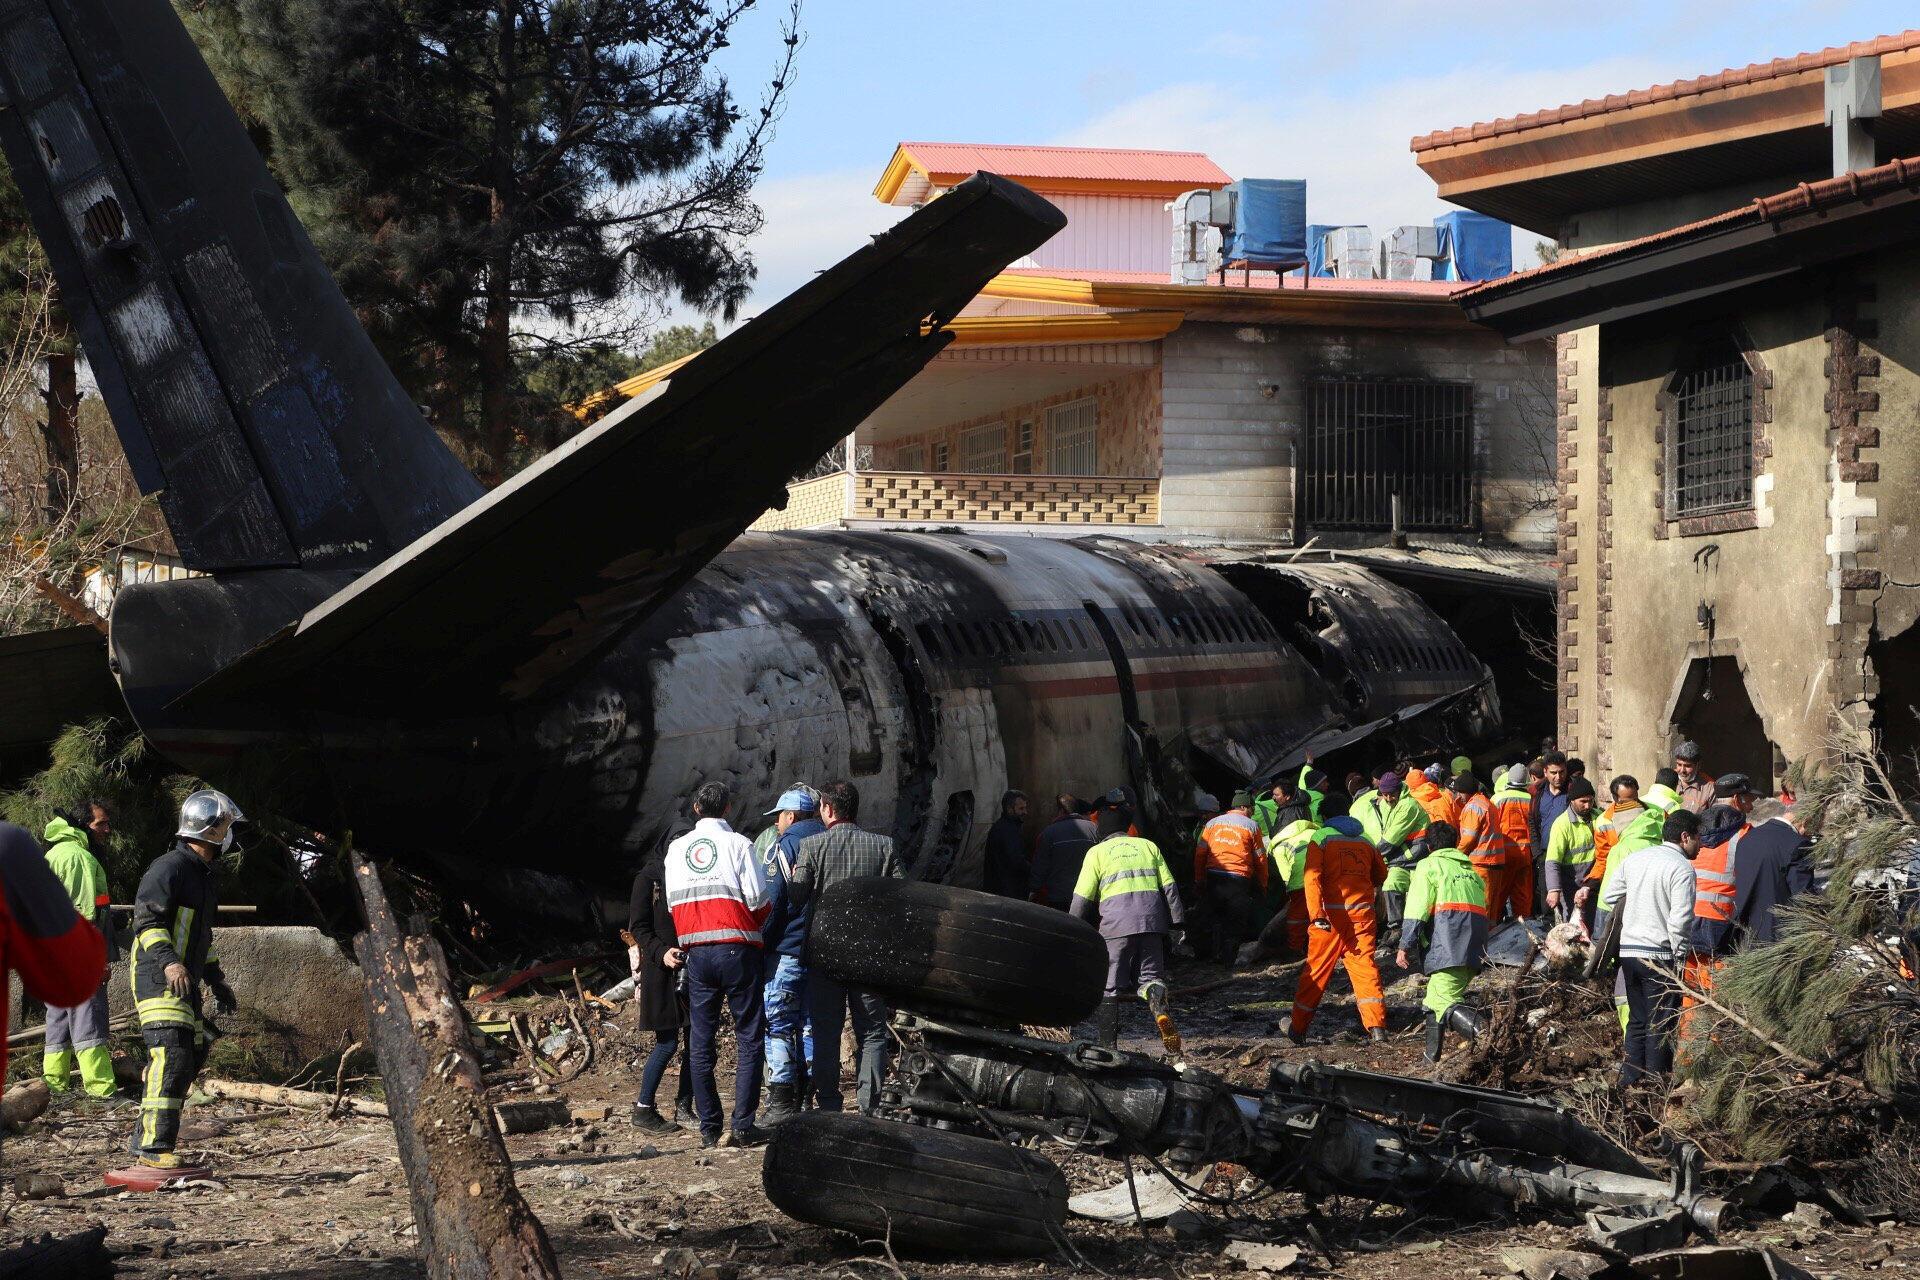 Wani hatsarin jirgin sama kirar Boeing  daf da filin tashi dama saukar jiragen sama na Tehran a kasar Iran